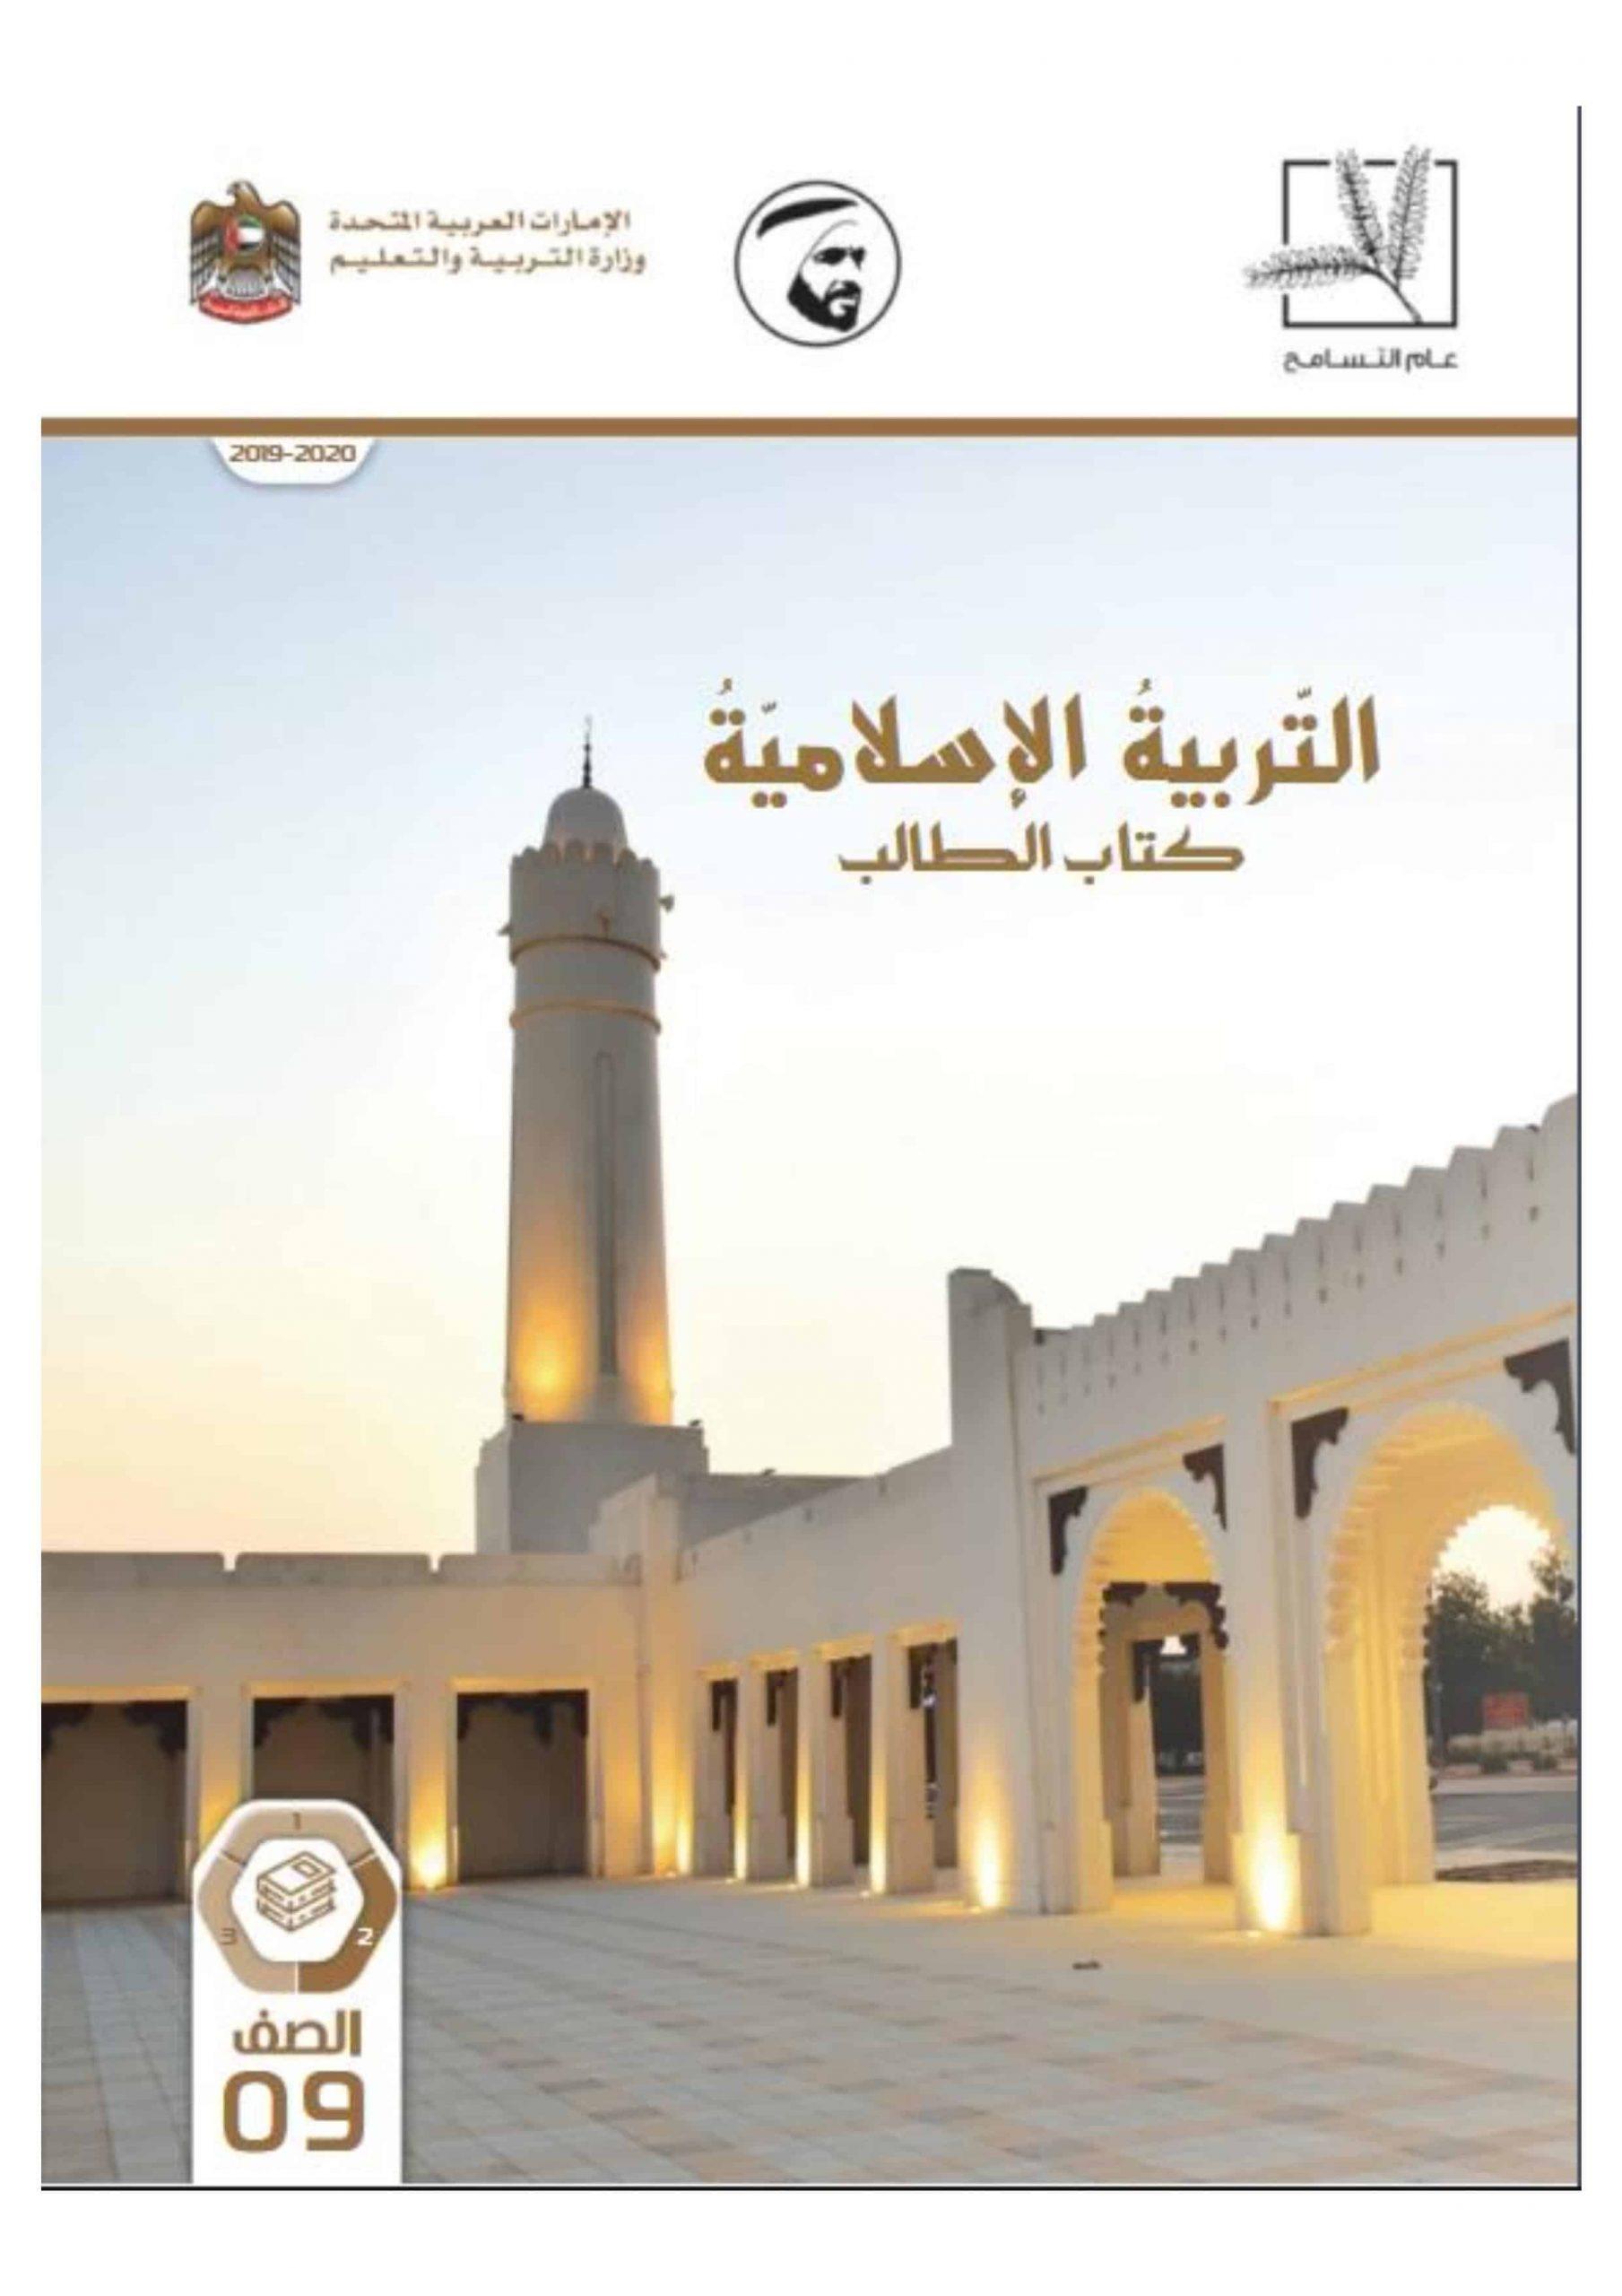 كتاب الطالب الفصل الدراسي الثاني 2019-2020 الصف التاسع مادة التربية الاسلامية